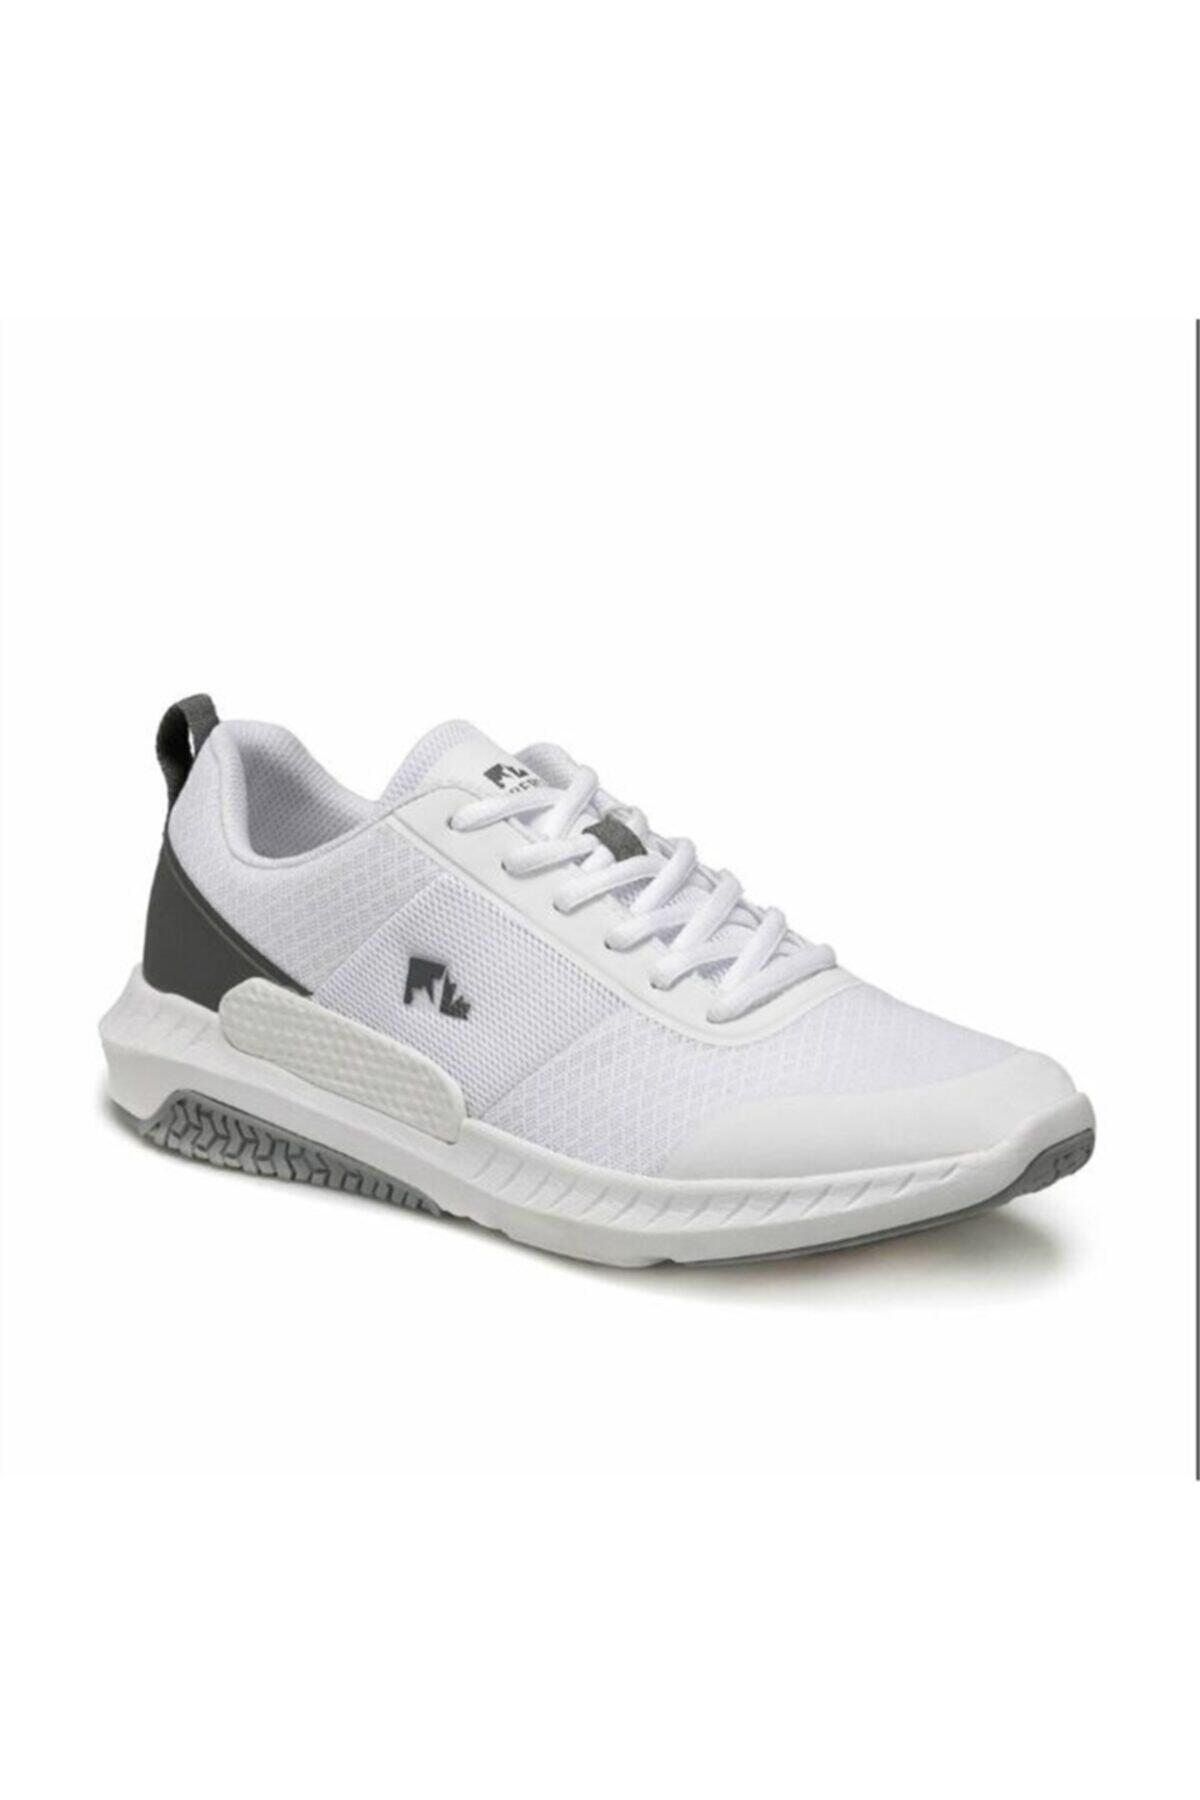 lumberjack AZURA Beyaz Erkek Koşu Ayakkabısı 100497475 2